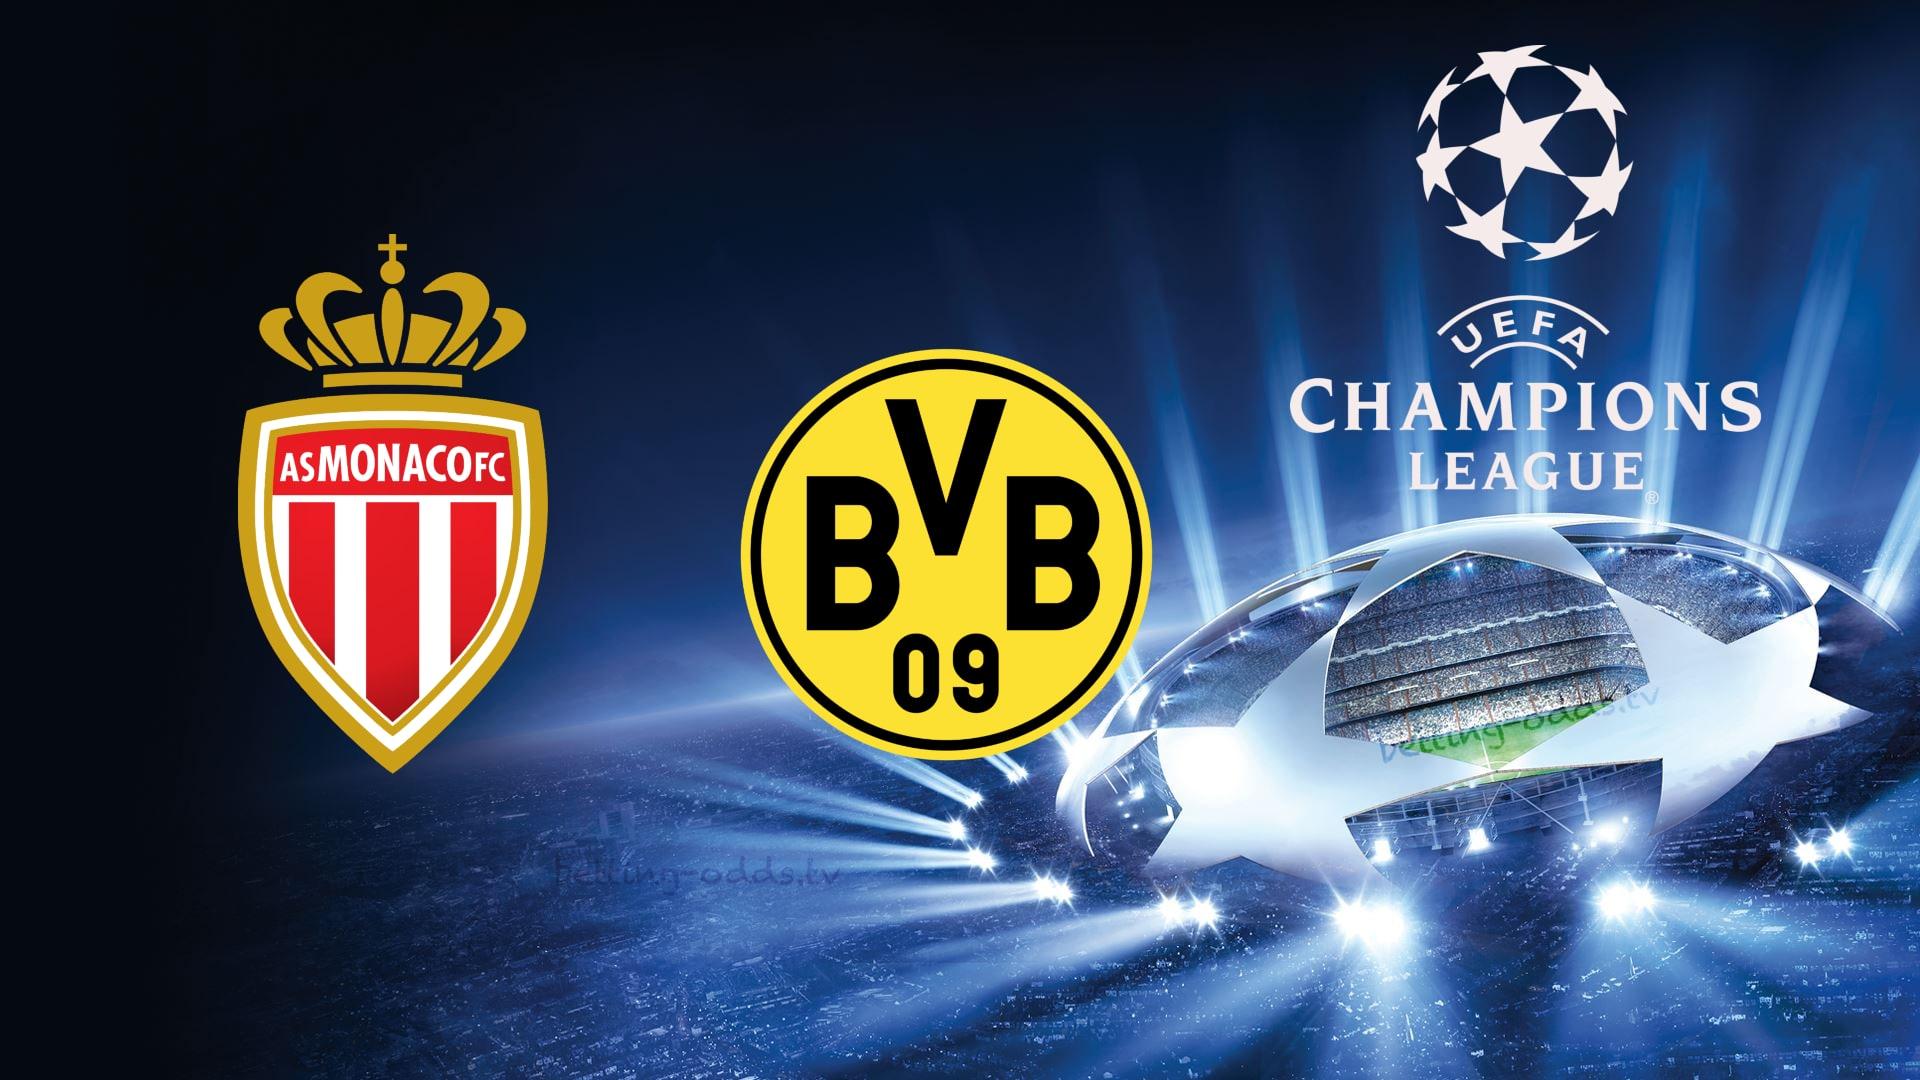 Champions League Monaco vs Borussia Dortmund 11/12/2018